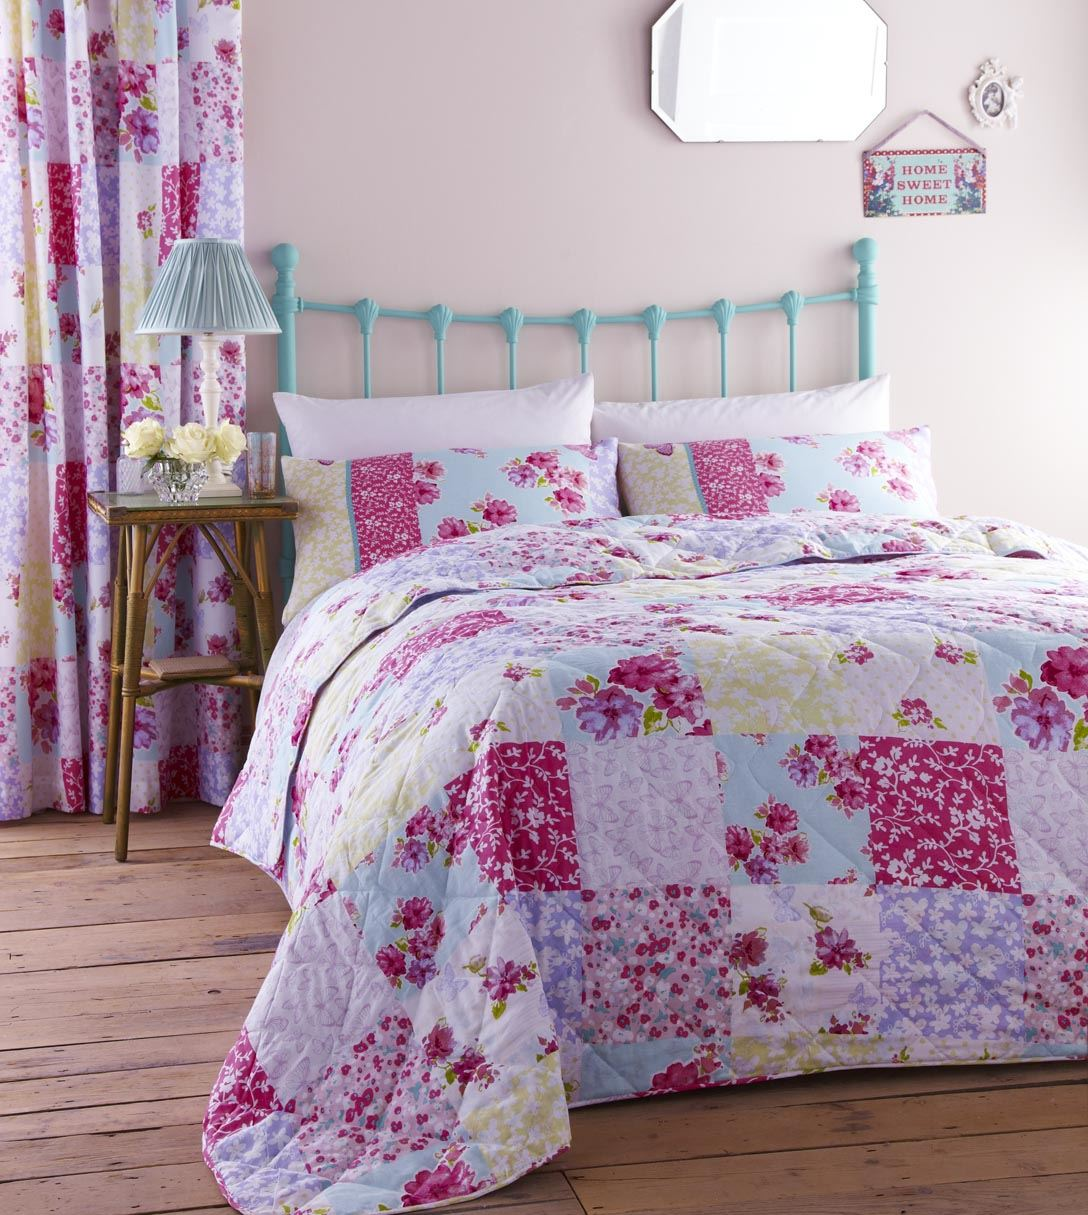 girls single bedding age  to  duvet cover fun bright designs  - girlssinglebeddingagetoduvet